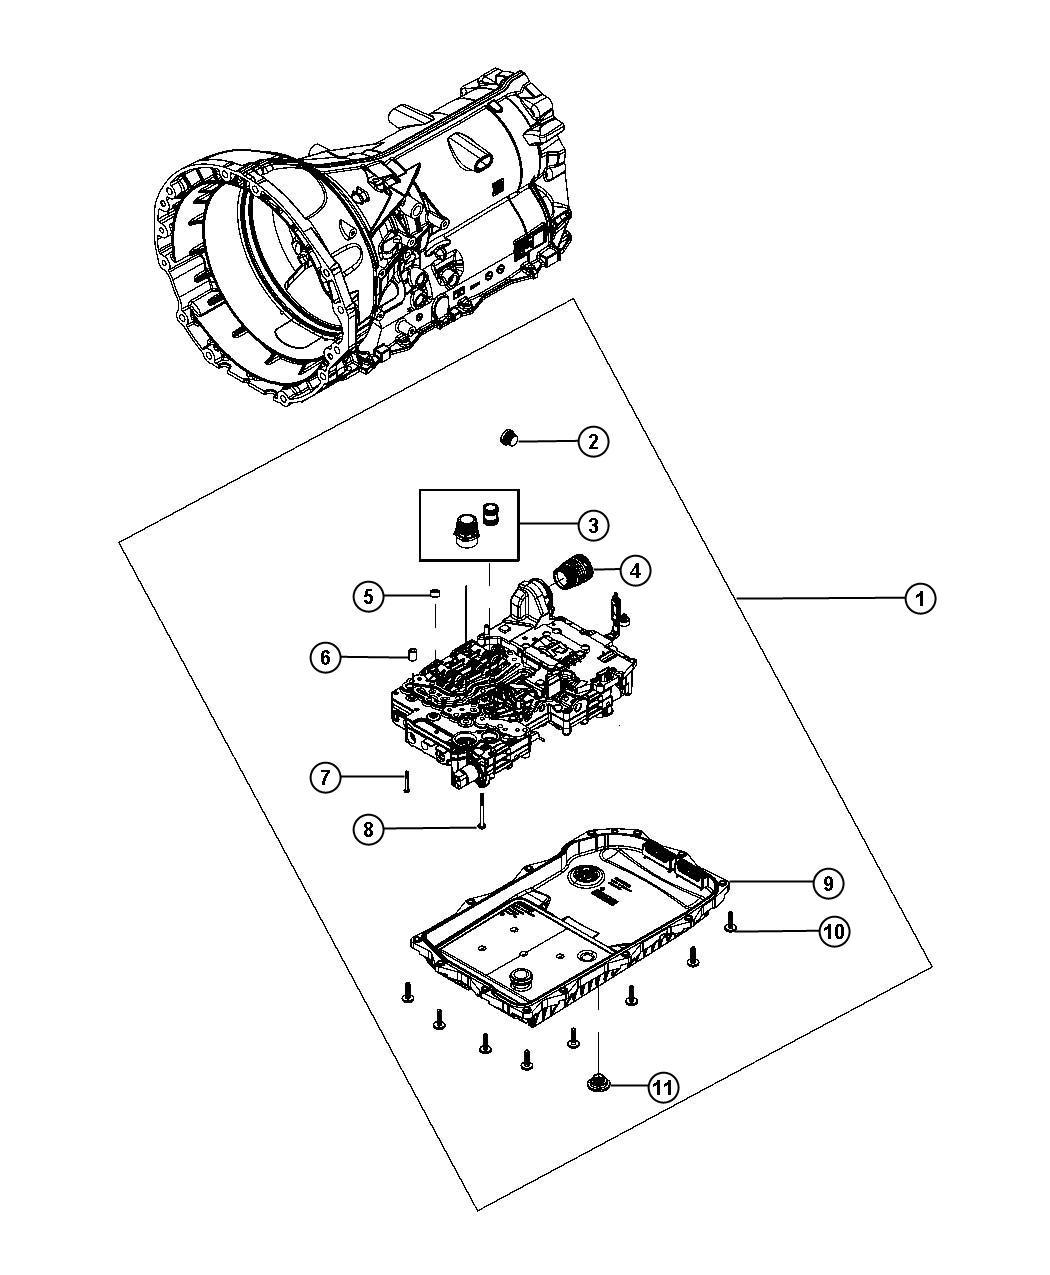 Chrysler 300 O ring kit. Valve body. Transmission. Power